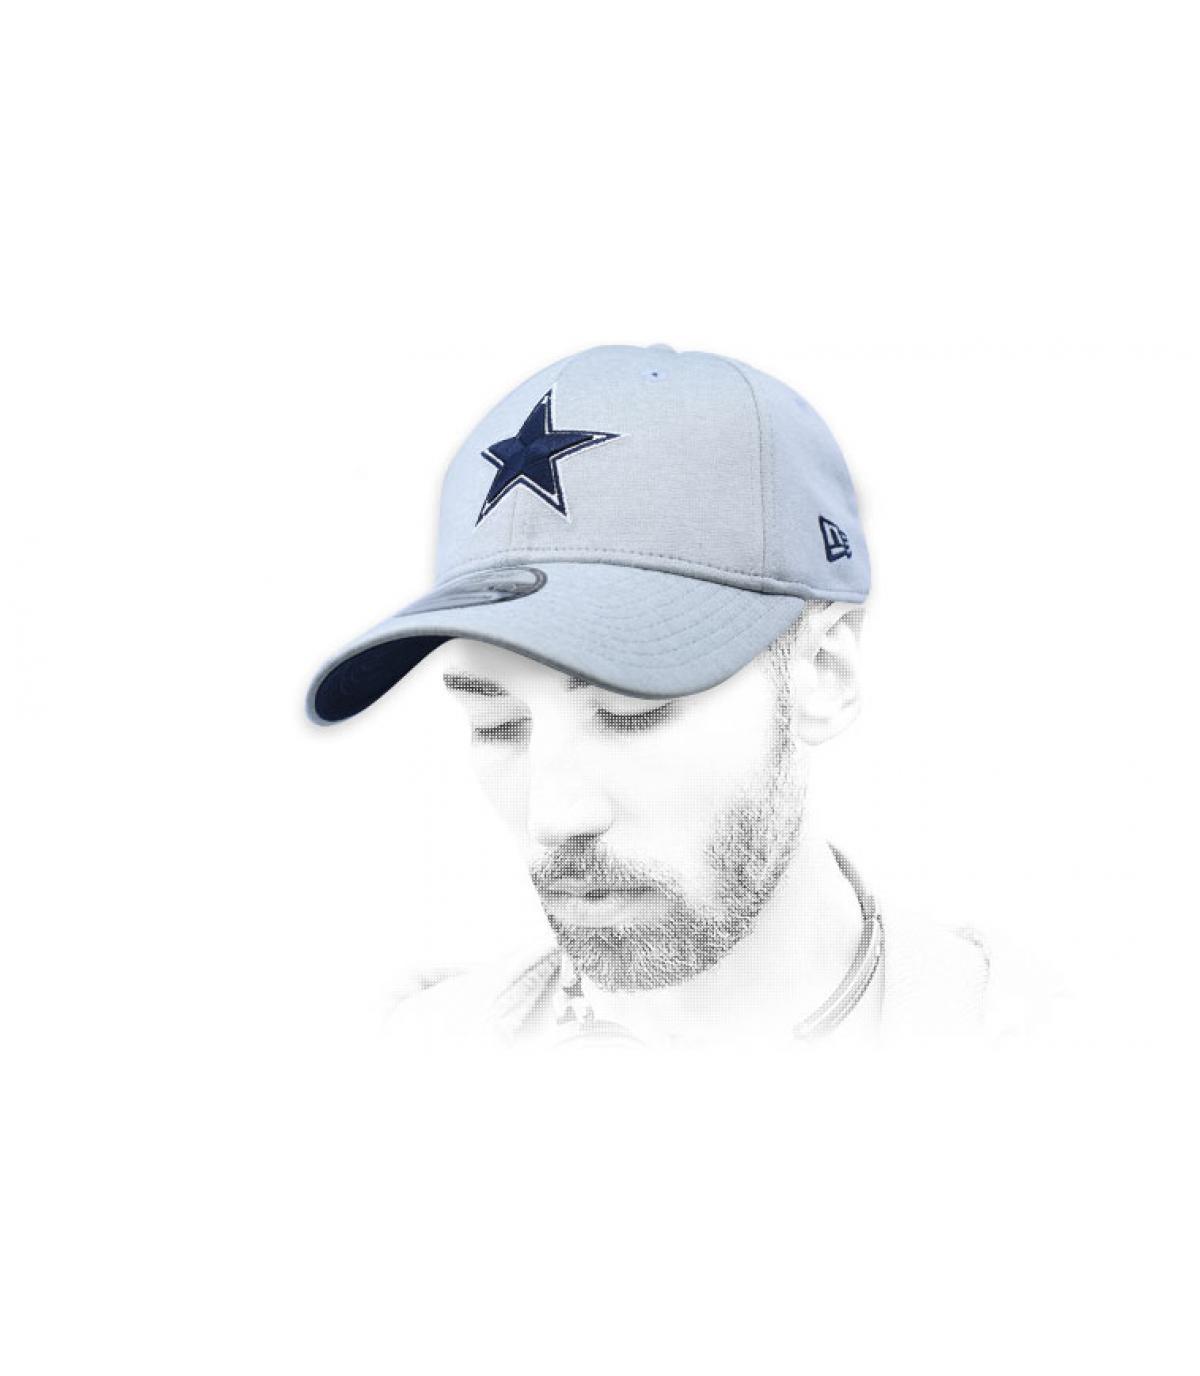 grey Dallas cap